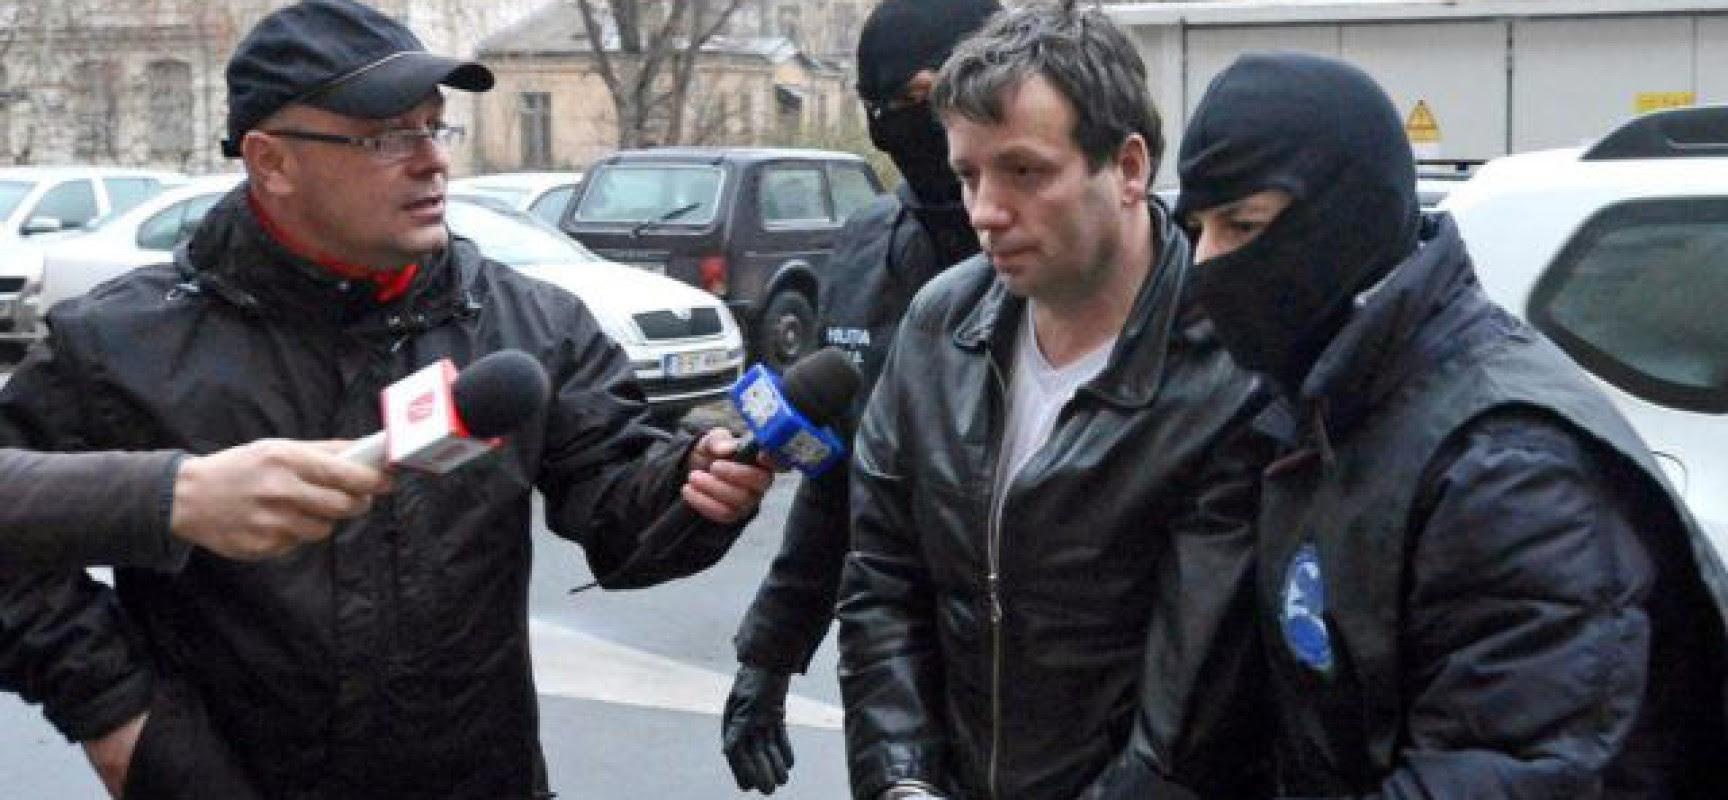 Alerte… Guccifer, le hacker roumain qui a piraté les e-mails Clinton a « été suicidé » dans sa cellule